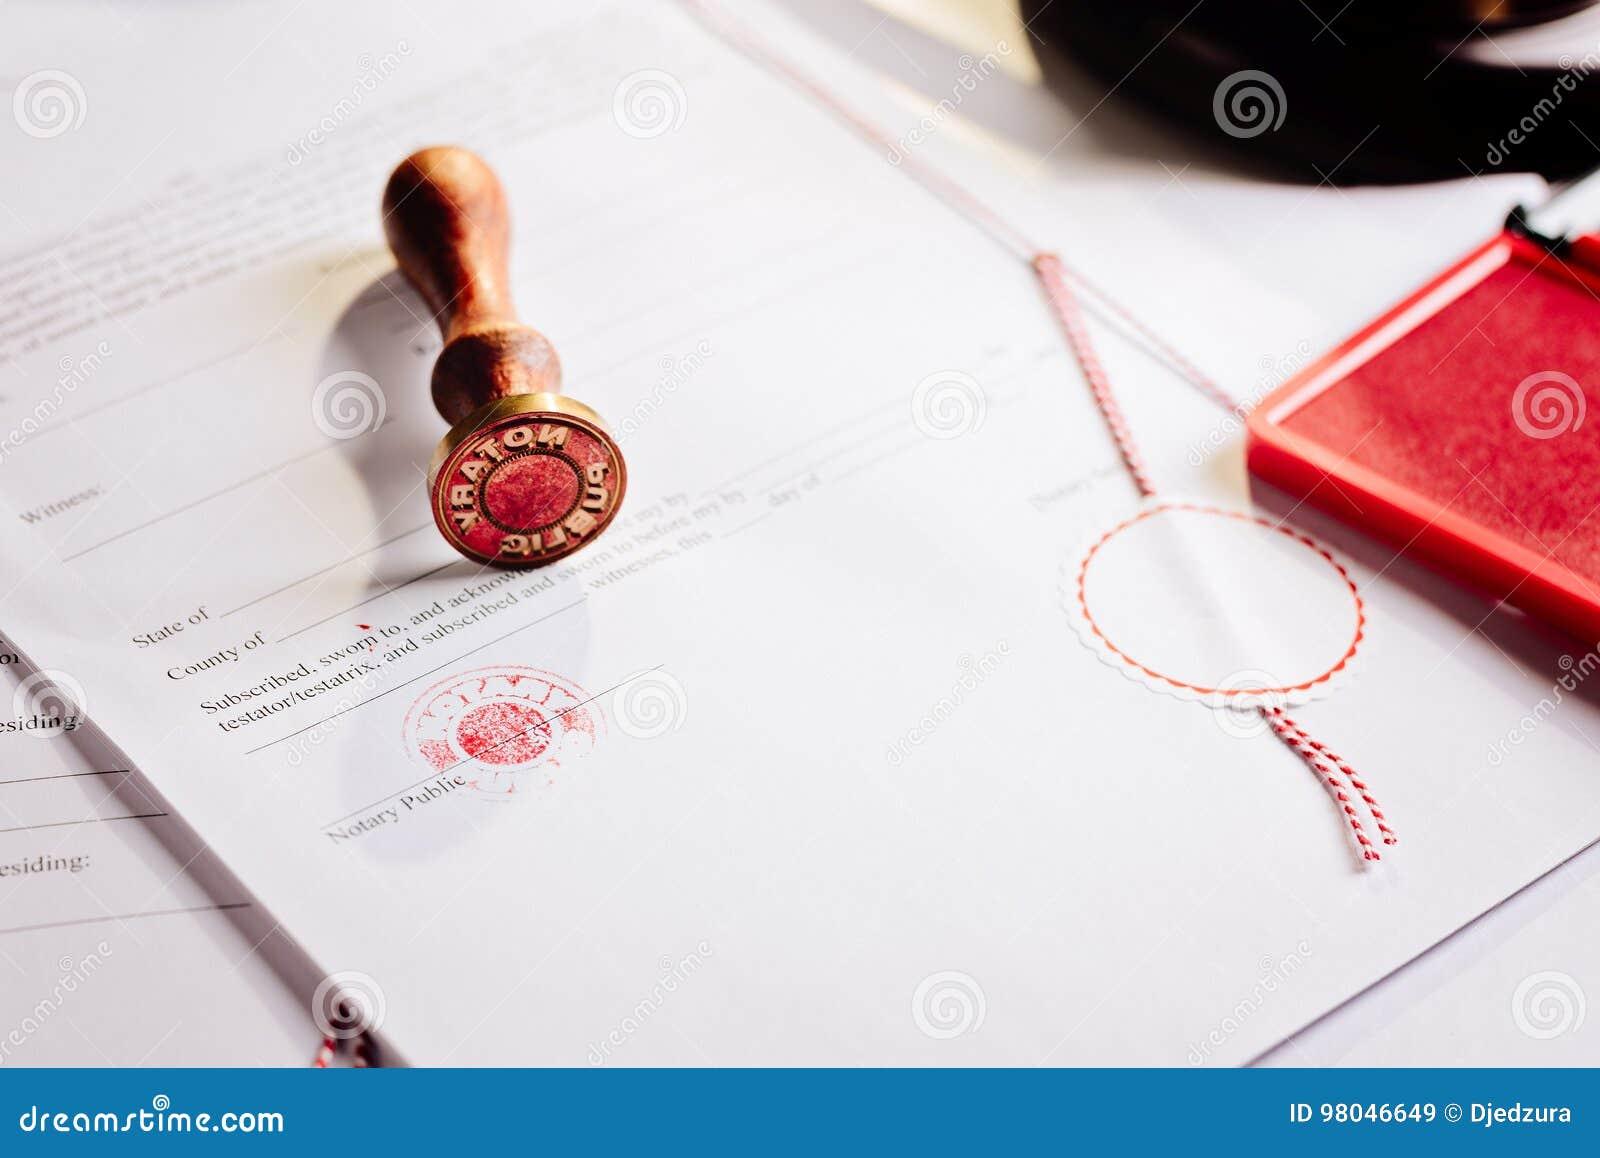 Notariusza społeczeństwa metalu stemplówka na testamencie